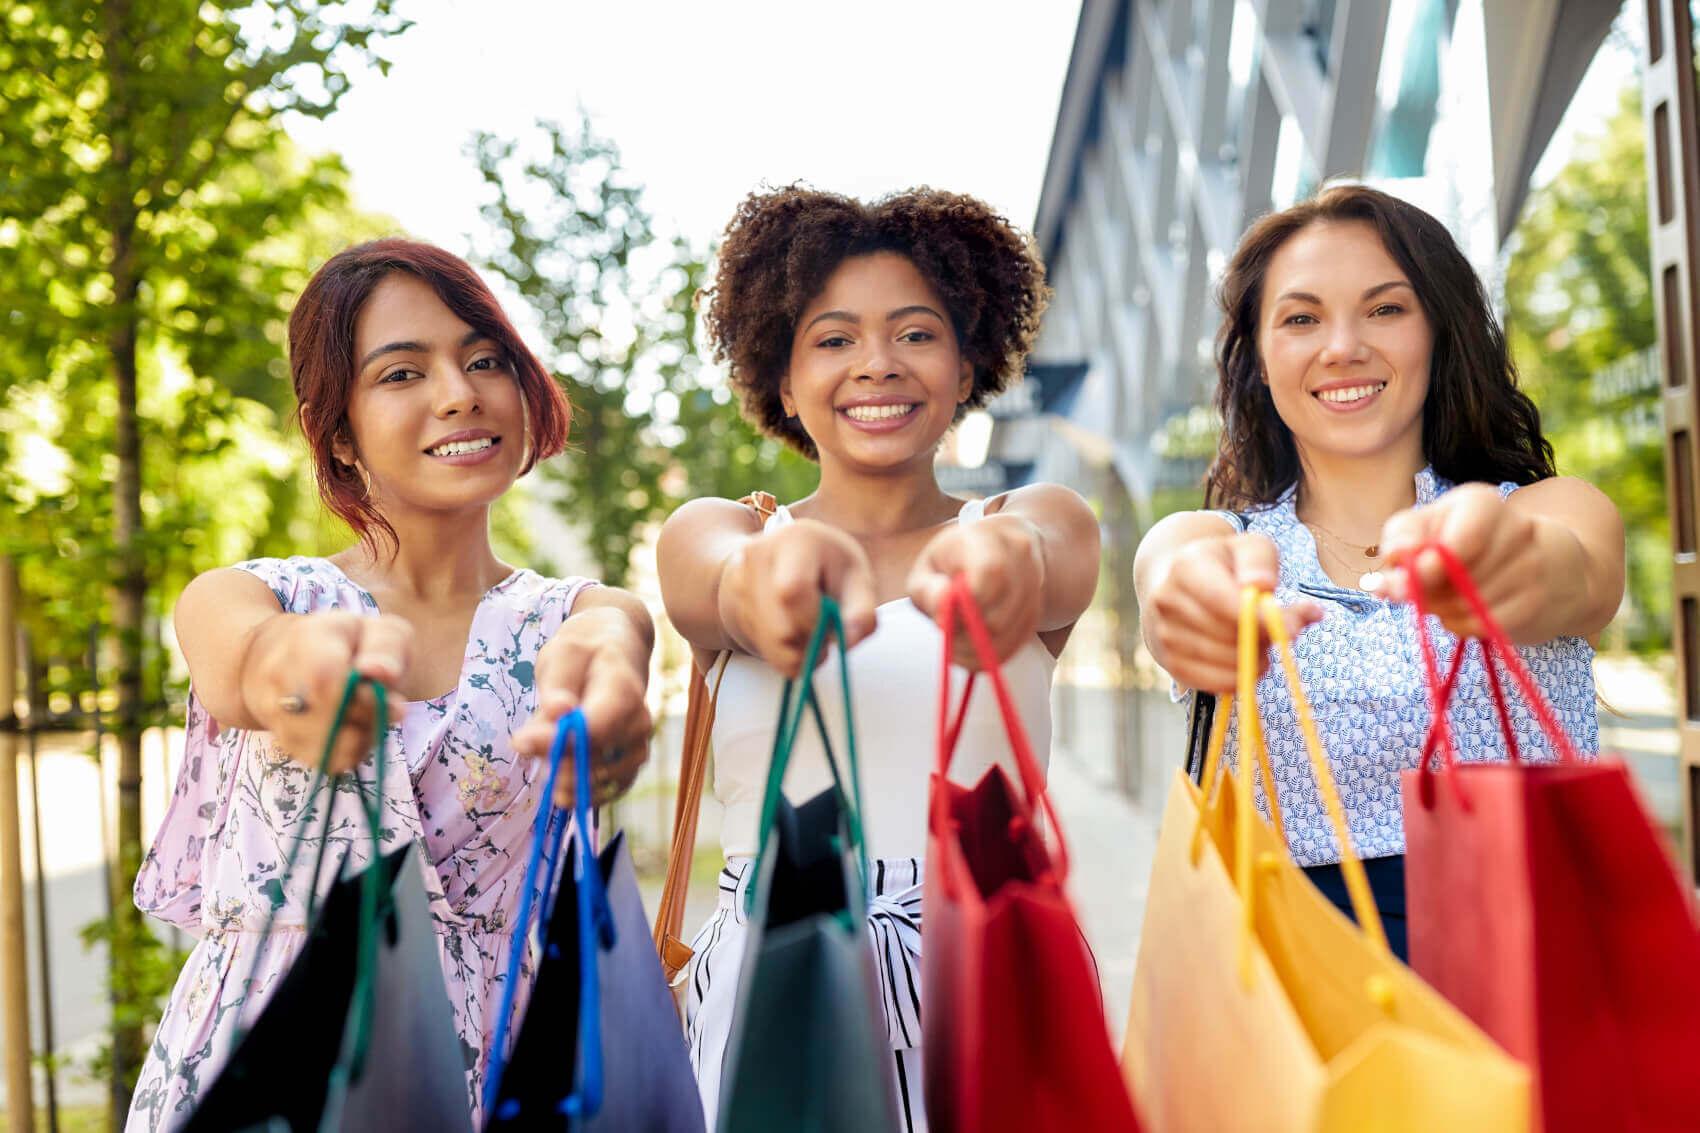 Frauen-mit-Einkaufstüten-Beim-Einkaufen-2